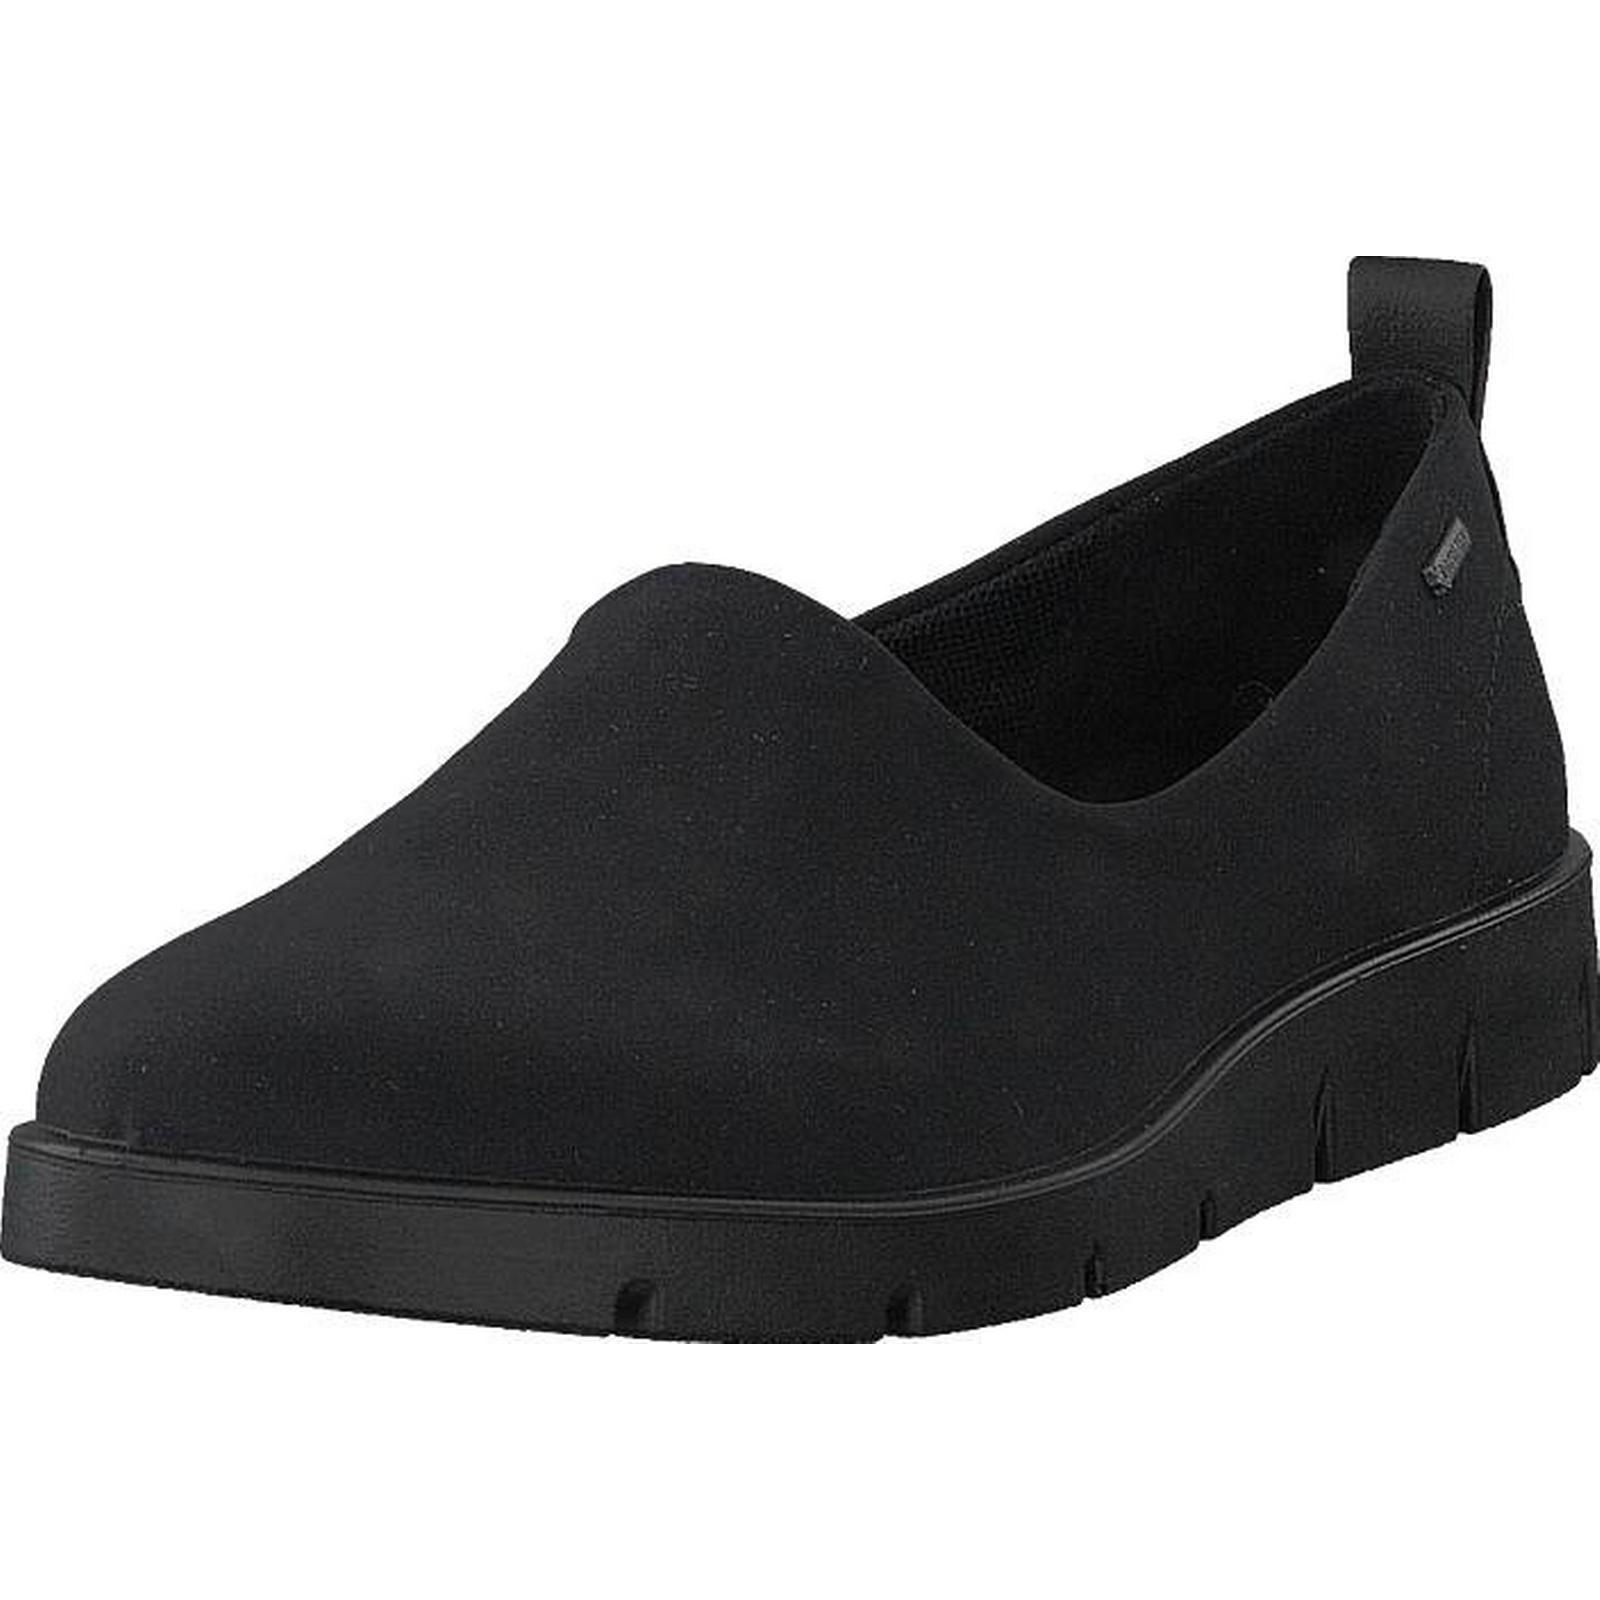 Ecco Bella Black/black, Black, Shoes, Flats, Ballerina Shoes, Black, Black/black, Female, 36 1510ed